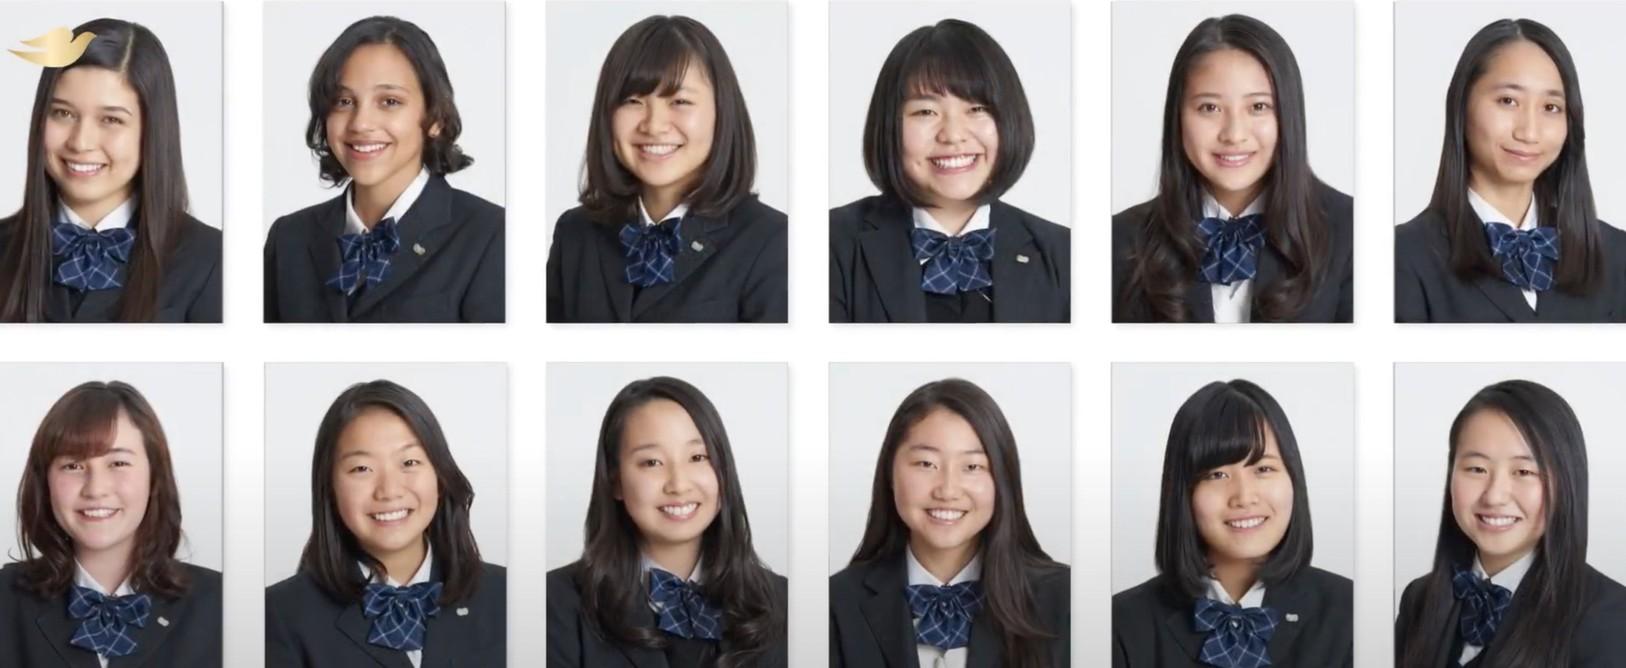 Ngày 22/3/2018, Dove đã đến và thực hiện một video đặc biệt cho nữ sinh của trường trung học Hiroo-Gakuen, đó là chụp ảnh thẻ.